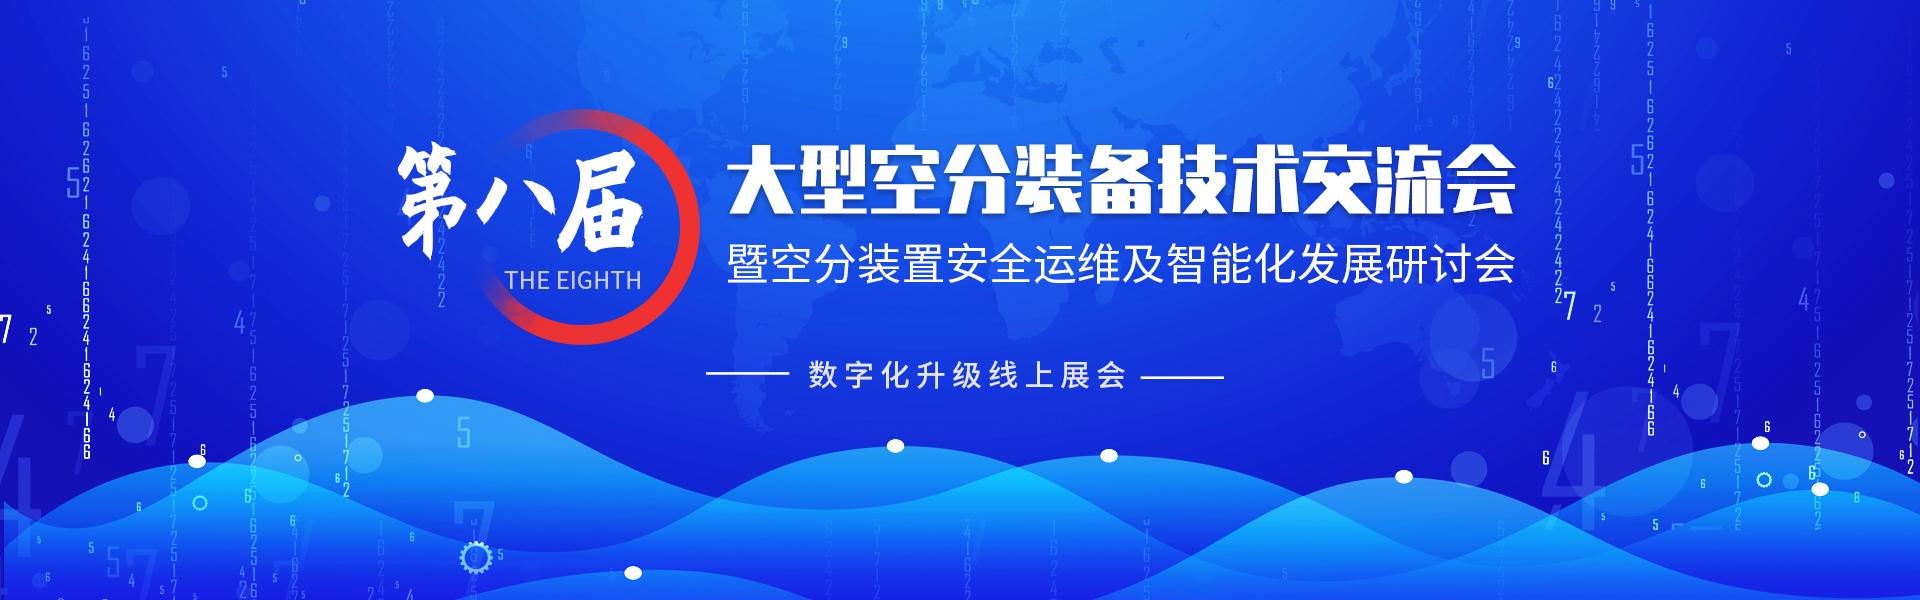 第八届大型空分装备技术交流会暨空分装置安全运维及智能化发展研讨会